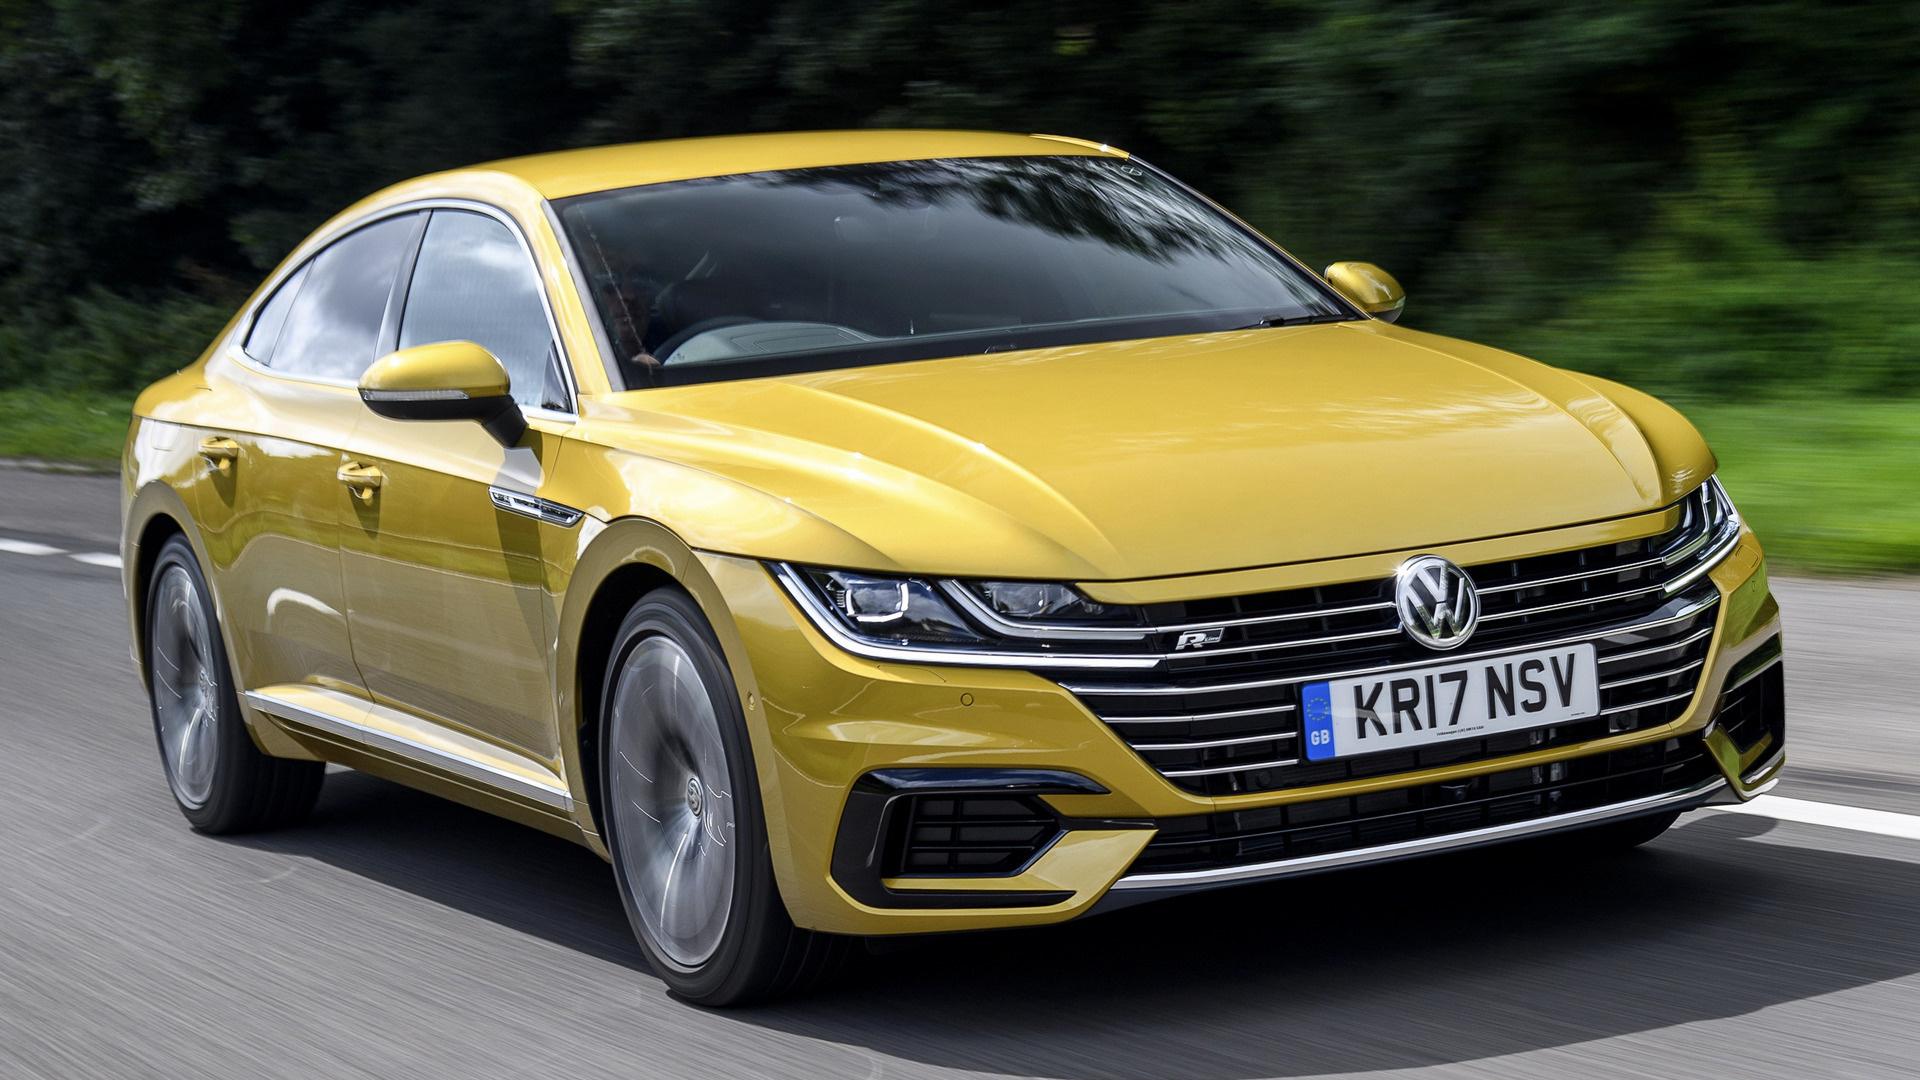 Volkswagen Arteon R Line 2017 UK Wallpapers and HD